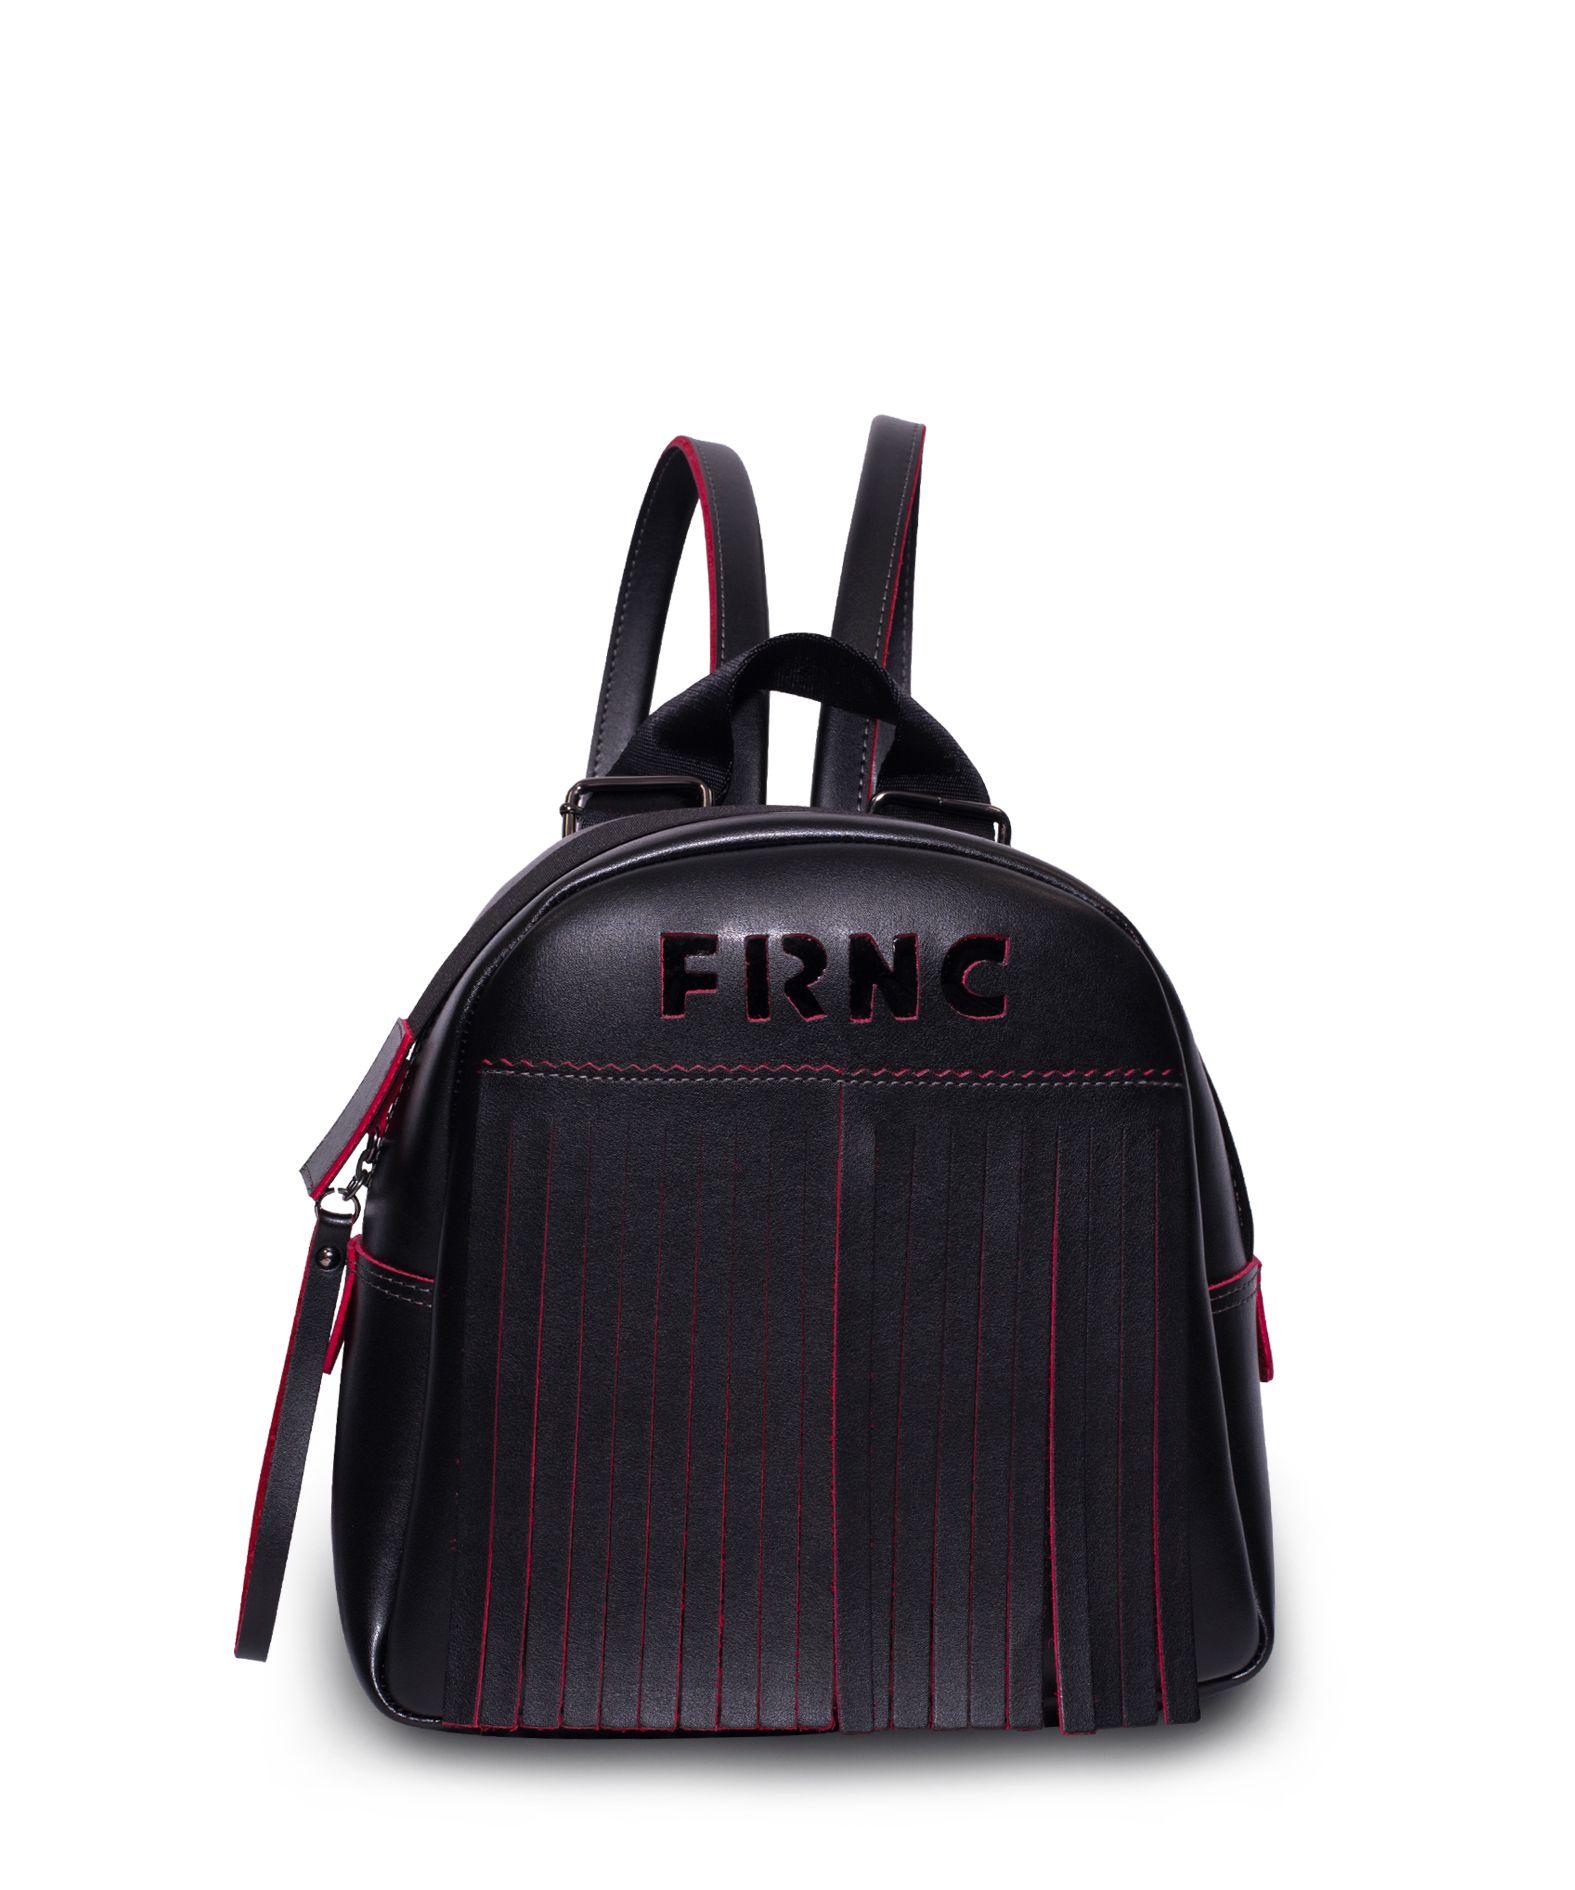 FRNC big shoulderbag for style o´clock Bordeaux